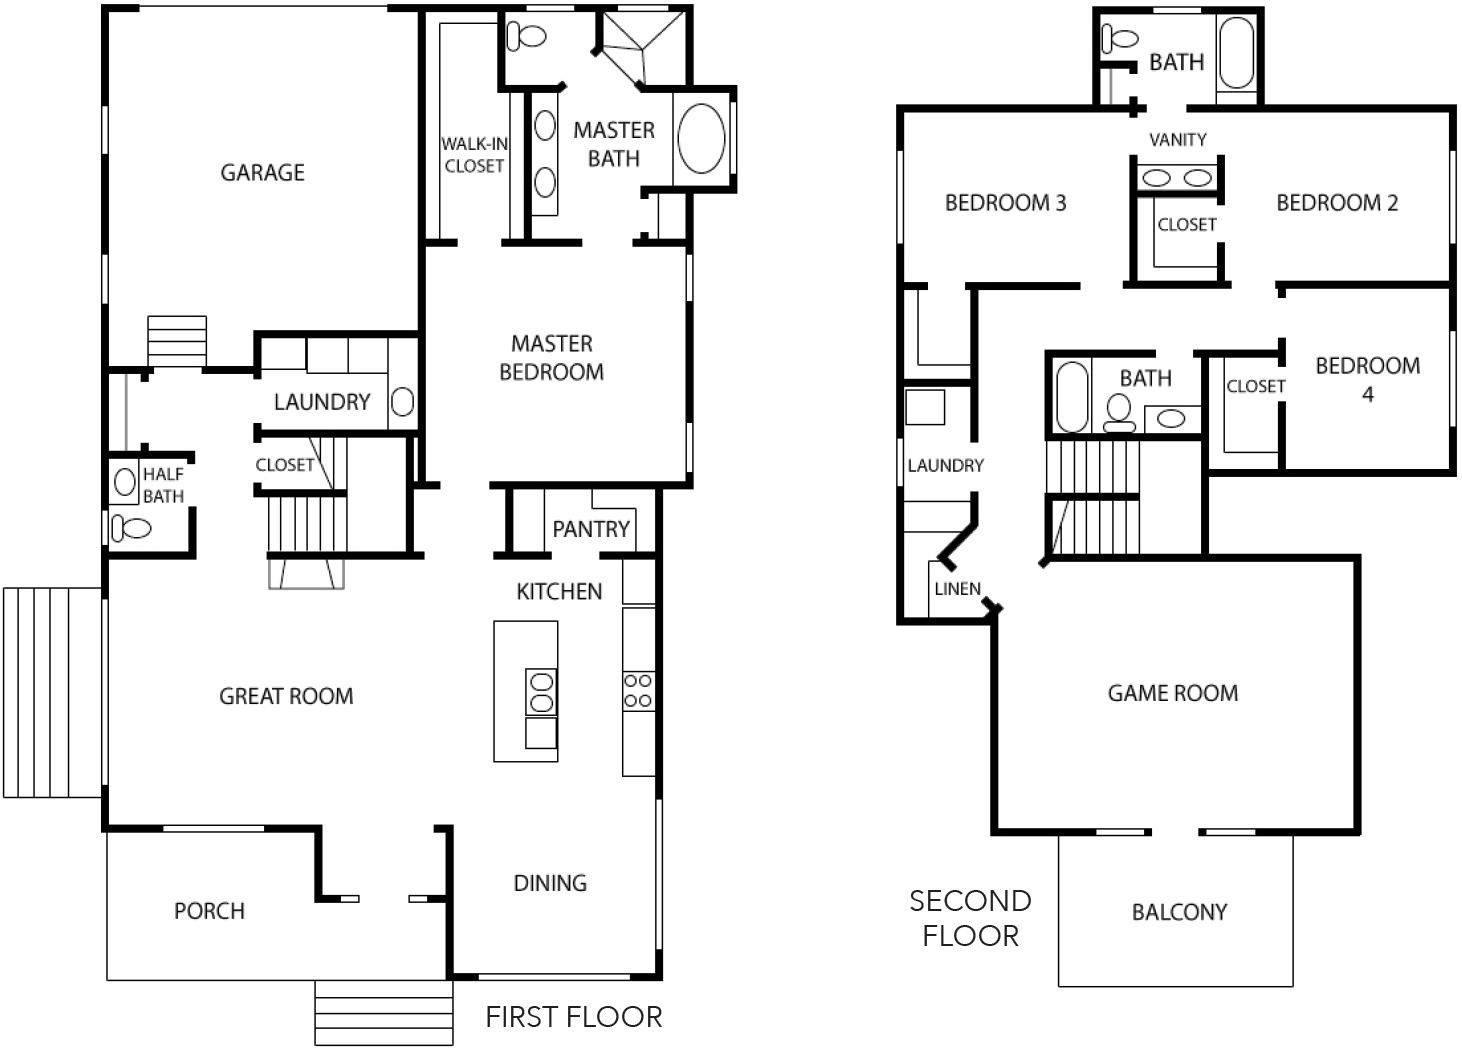 Siesta Key floor plans - East Coast Dev.png